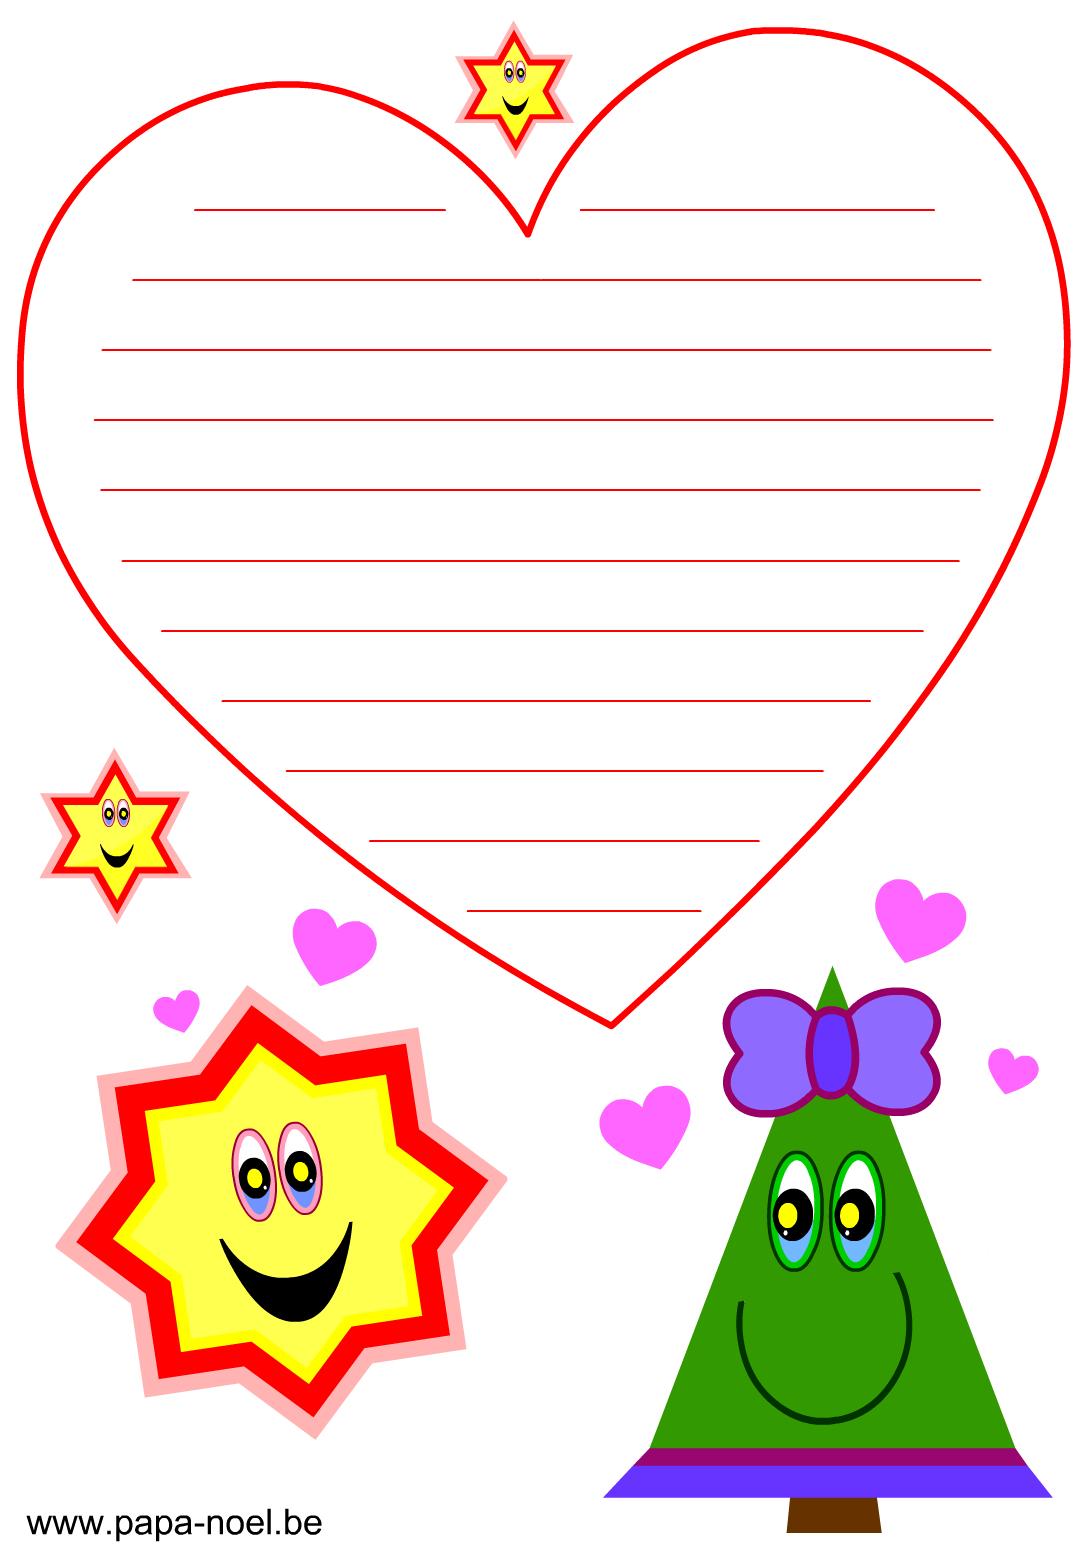 Imprimer Papier A Lettre Noel Papeterie Noël Gratuit Lettres à Papier À Lettre Gratuit À Imprimer